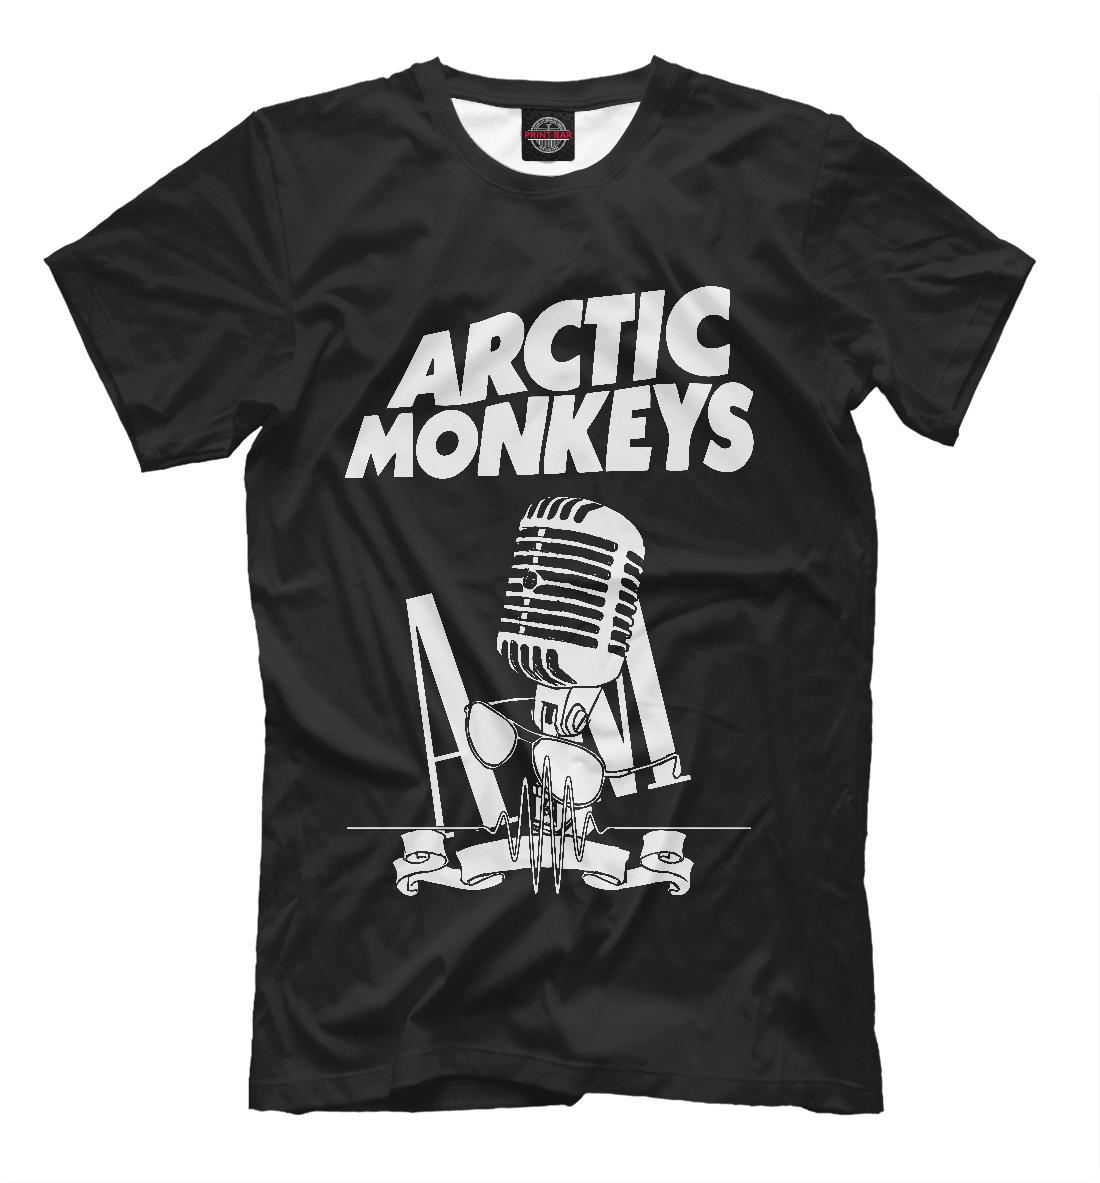 Купить Arctic Monkeys, Printbar, Футболки, AMK-917653-fut-2